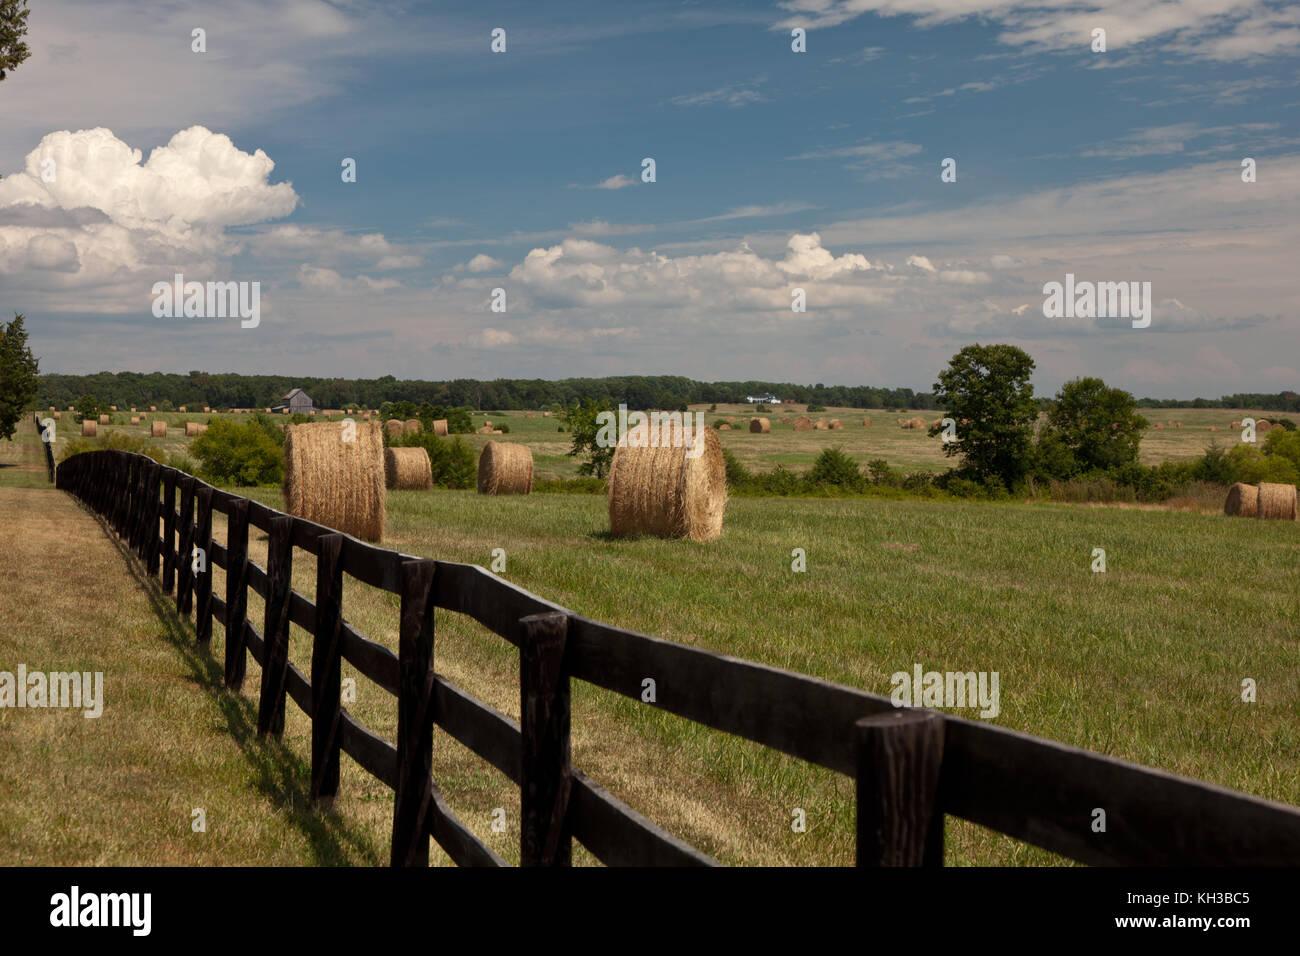 Los fardos de heno en un campo verde con cielo azul Foto de stock